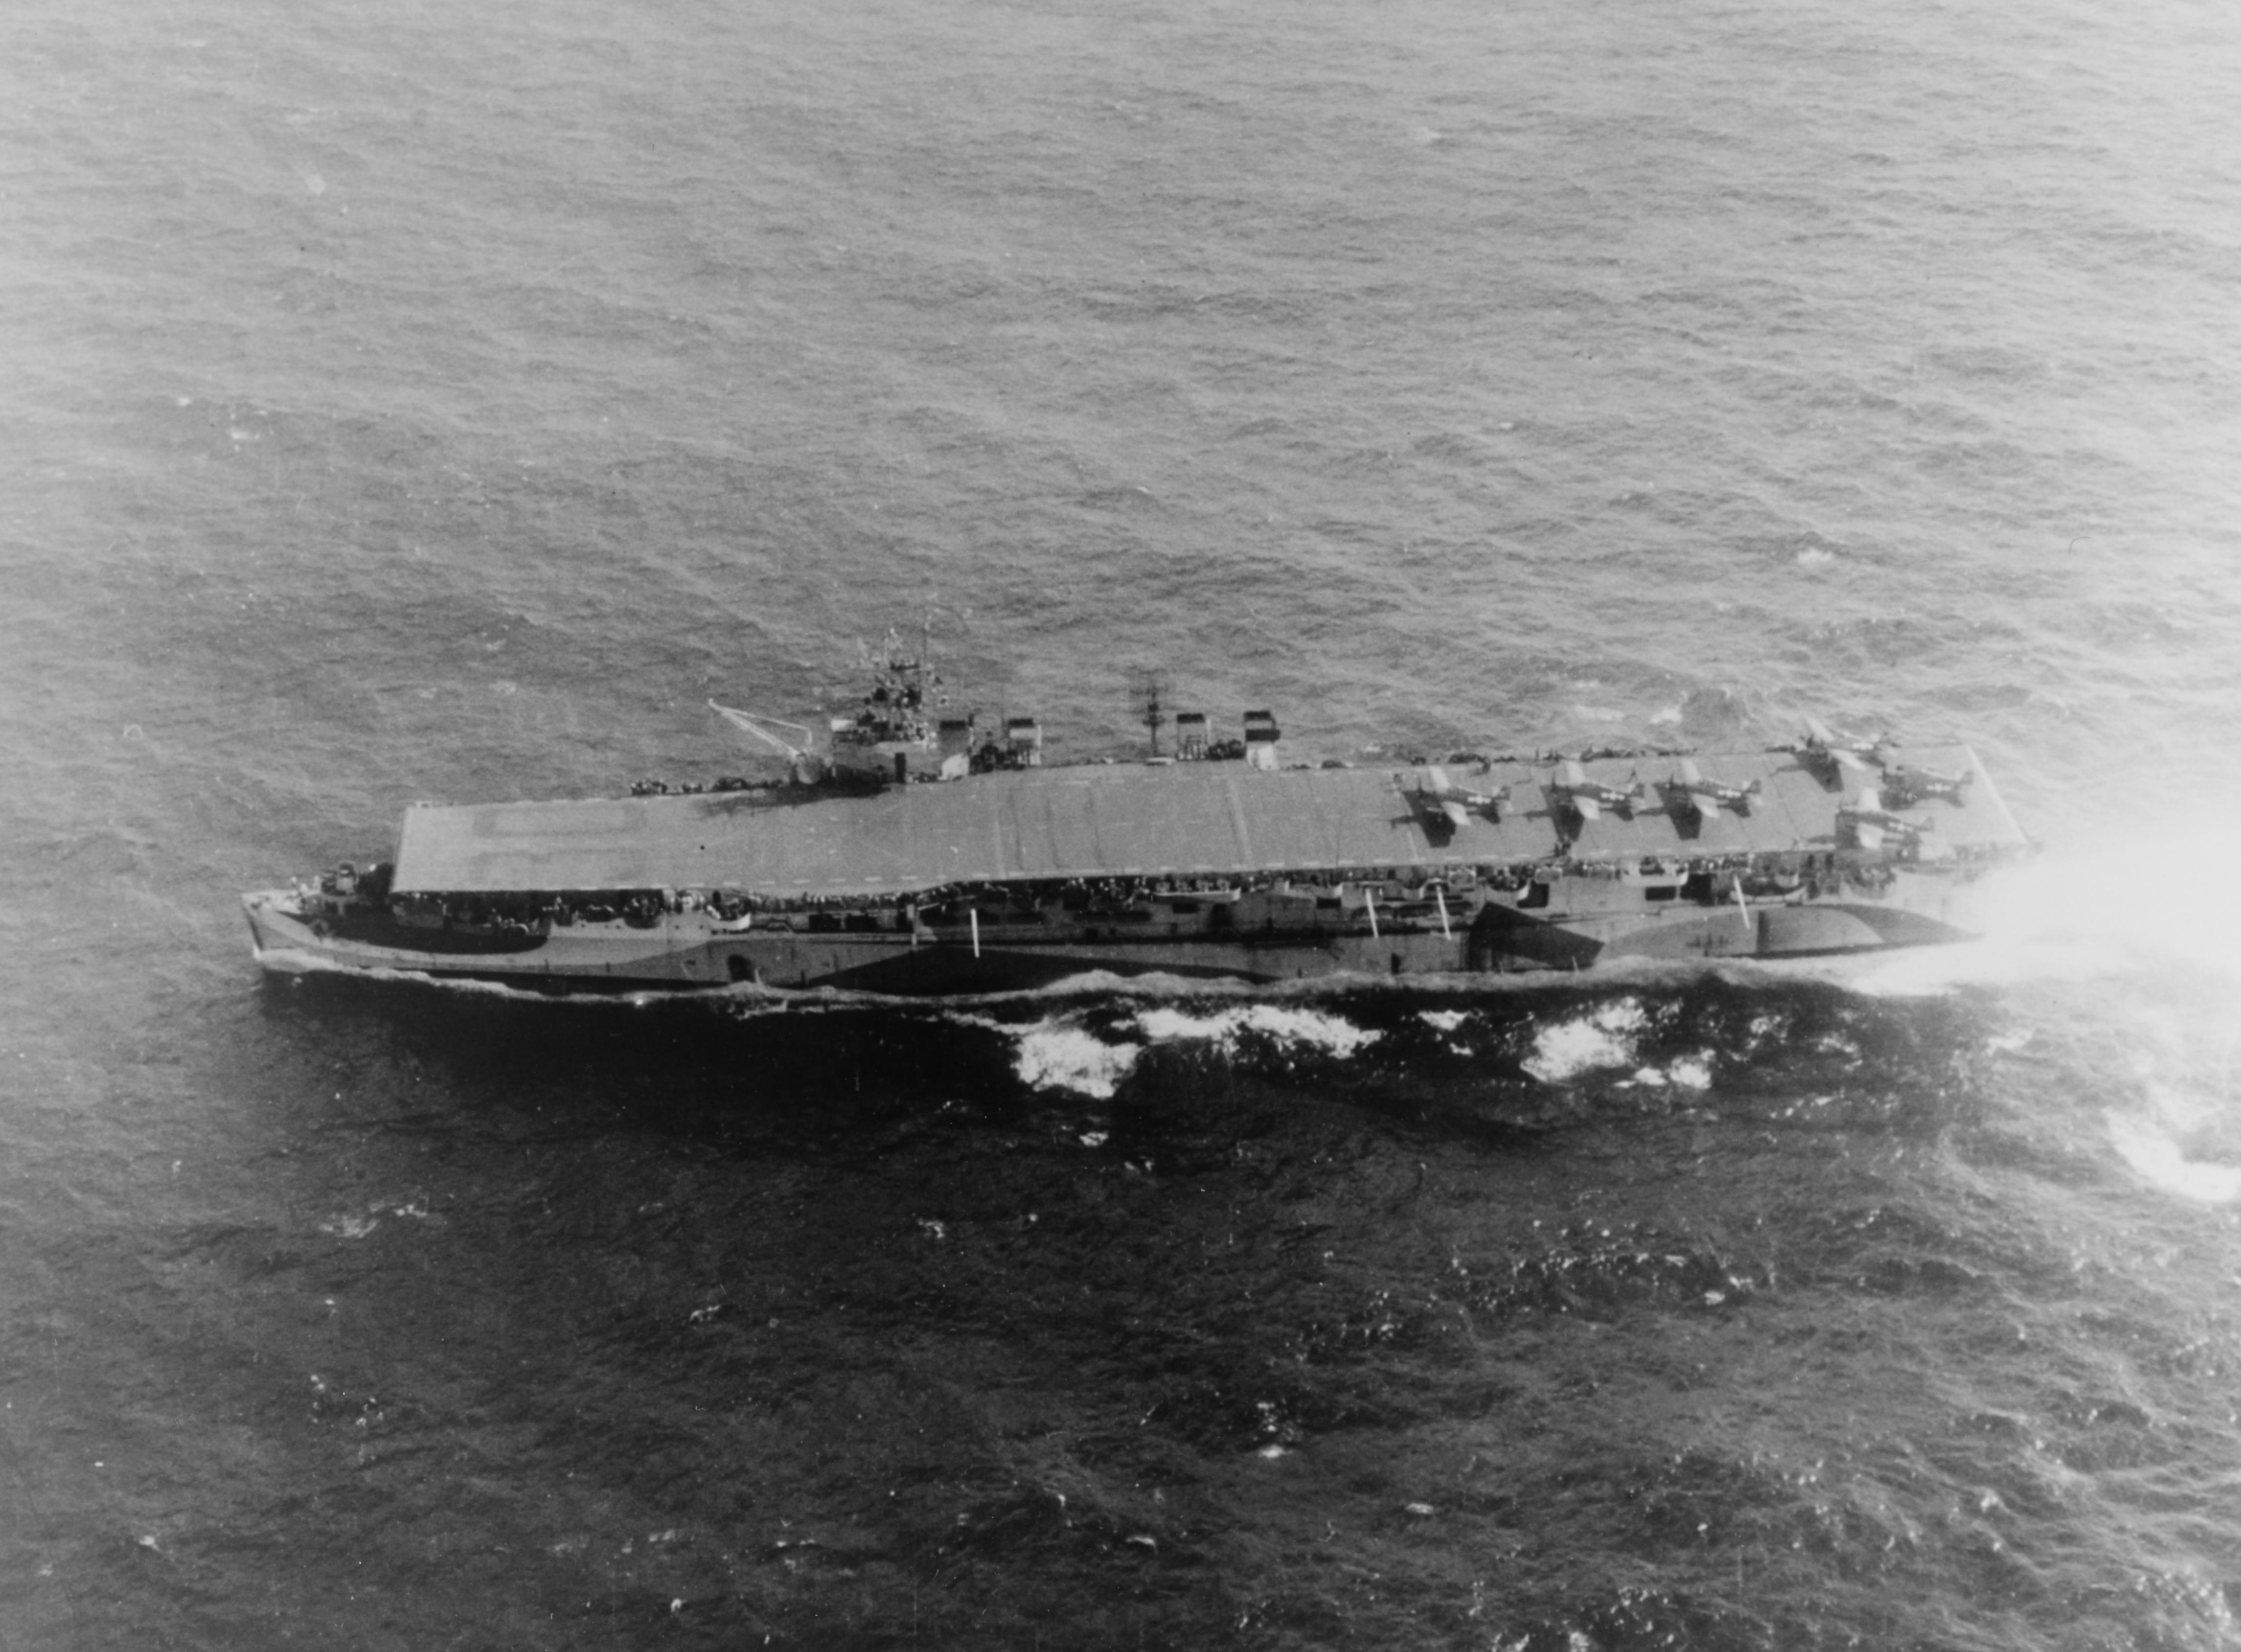 USS_San_Jacinto_(CVL-30)_underway_on_31_